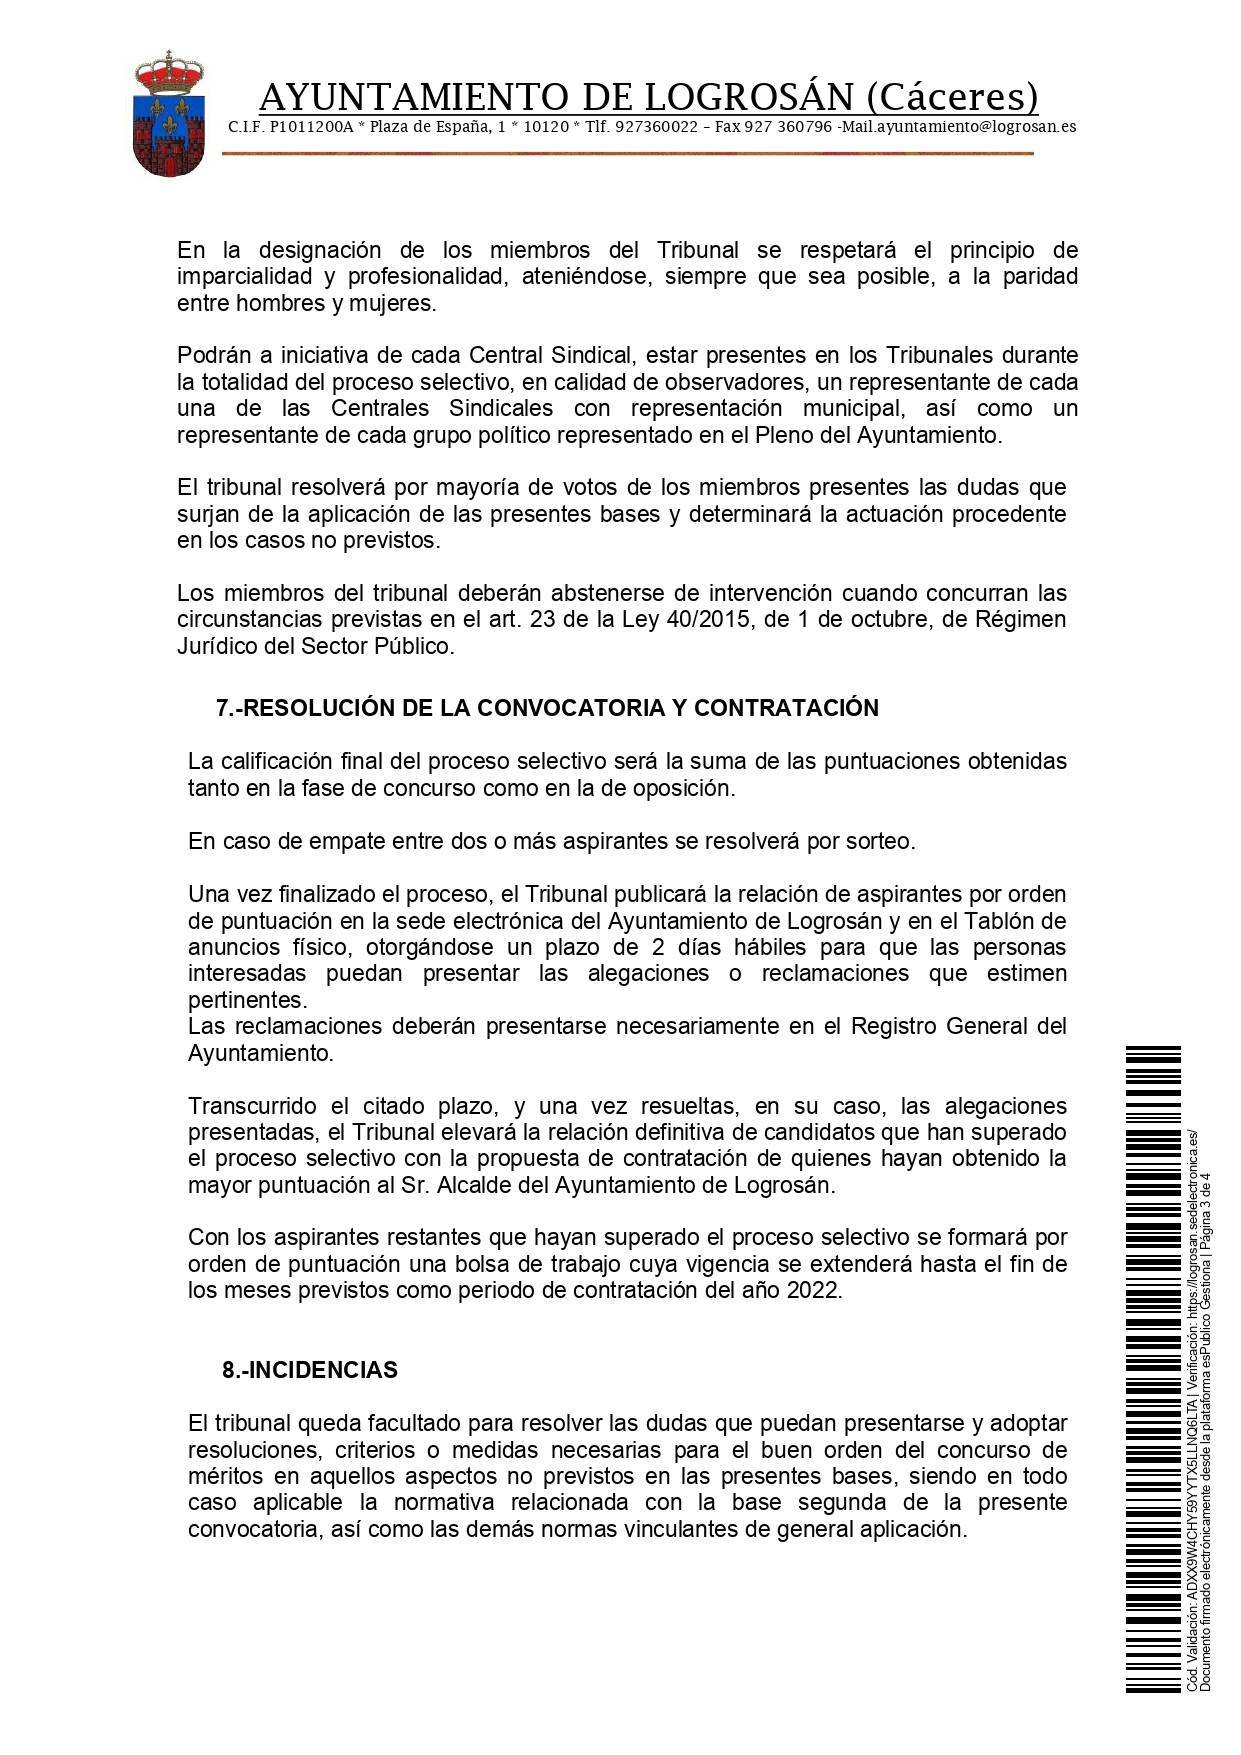 Monitores para la escuela de verano (2021-2022) - Logrosán (Cáceres) 3